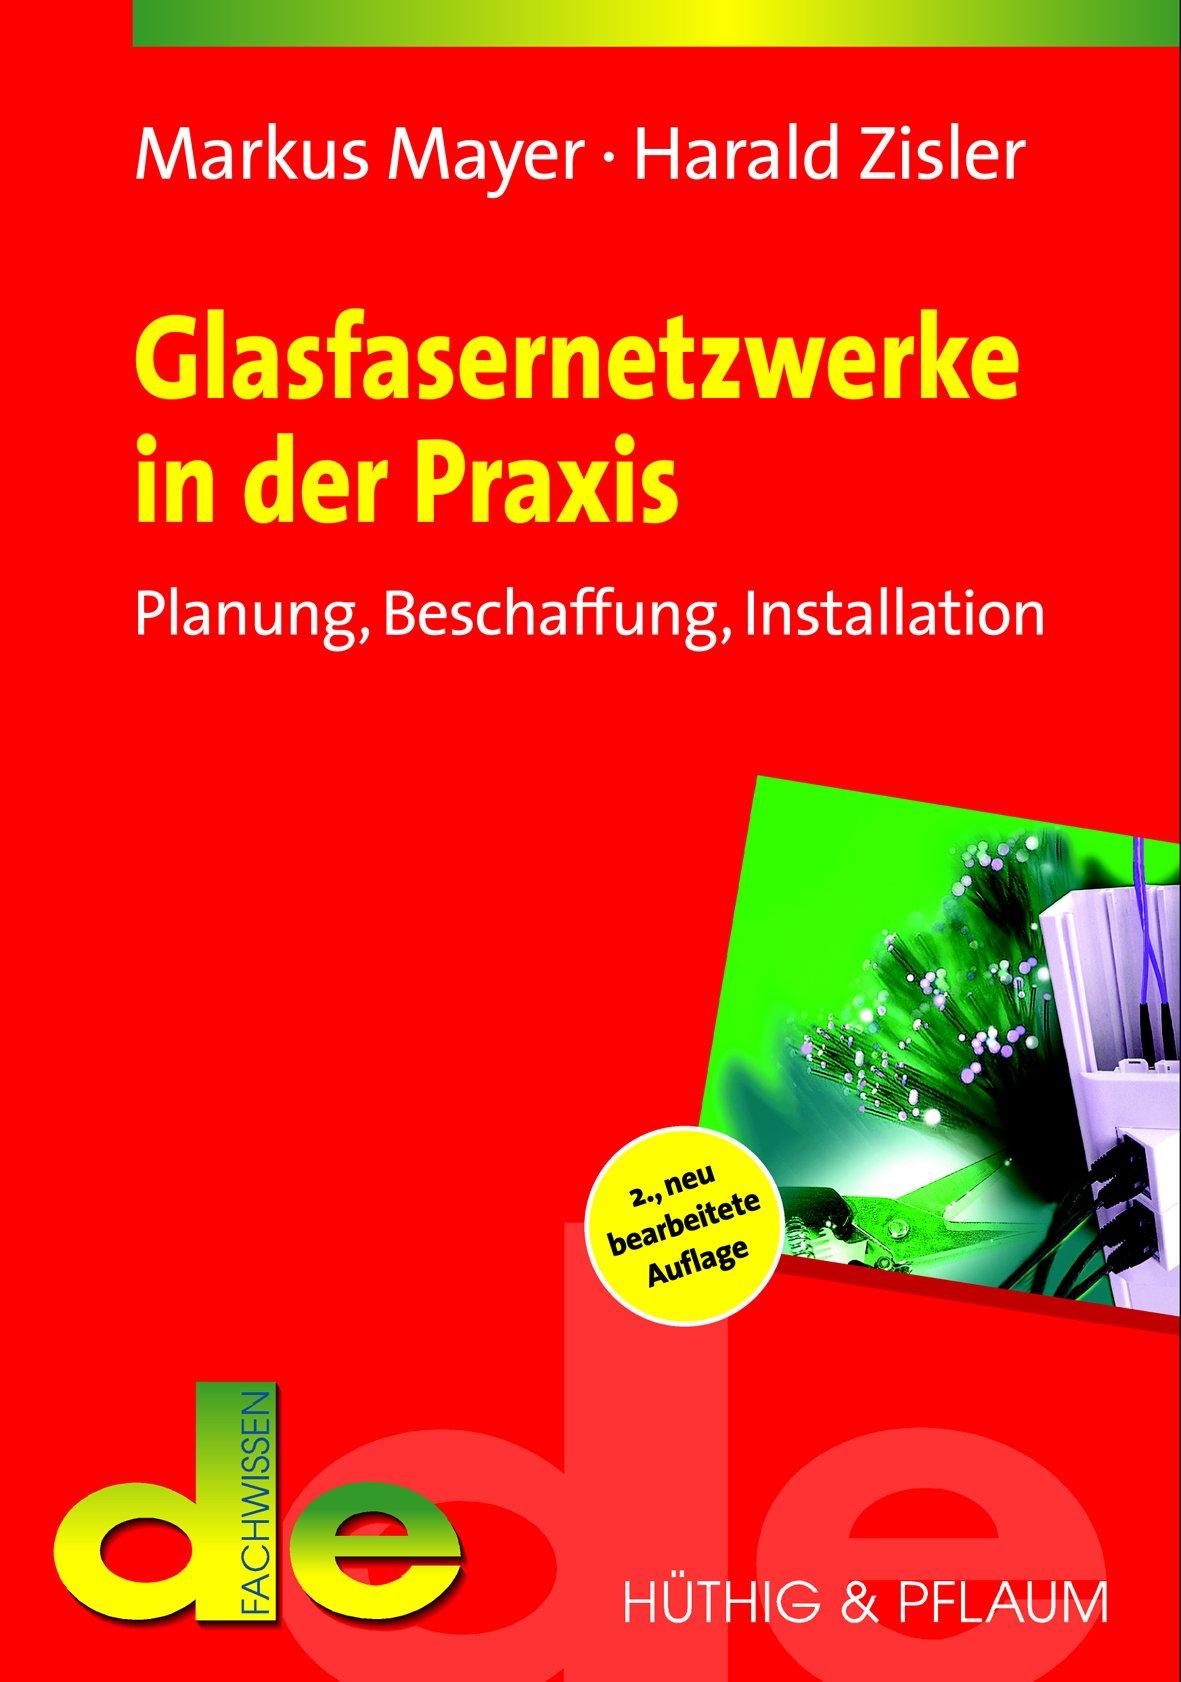 glasfasernetzwerke-in-der-praxis-planung-beschaffung-installation-de-fachwissen